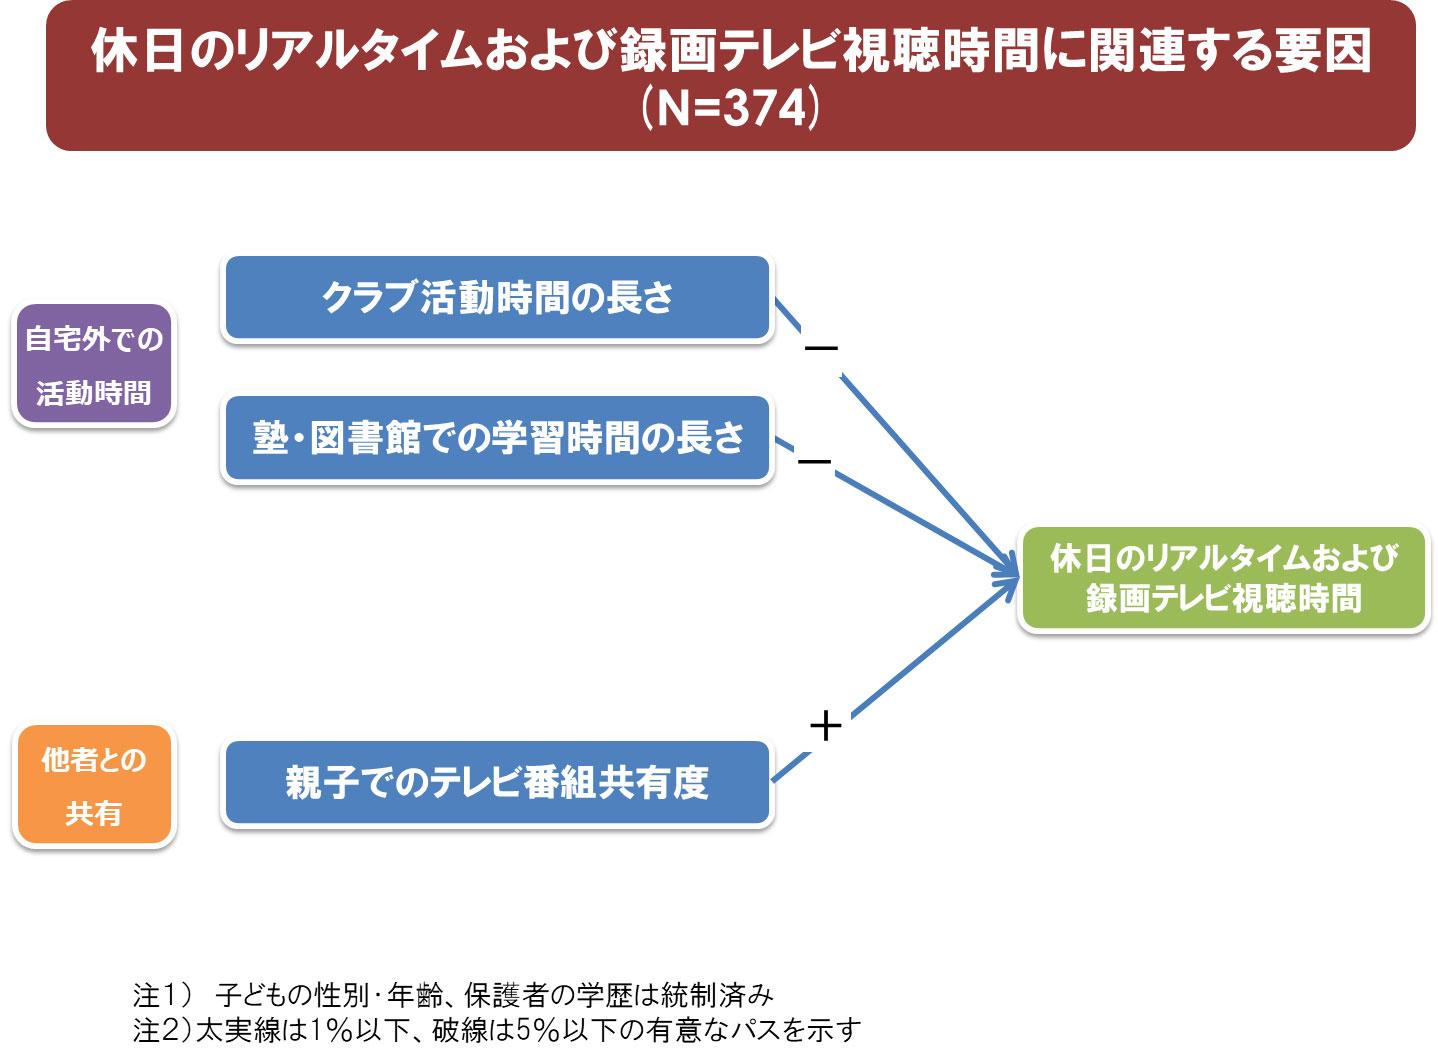 report_02_261_07.jpg